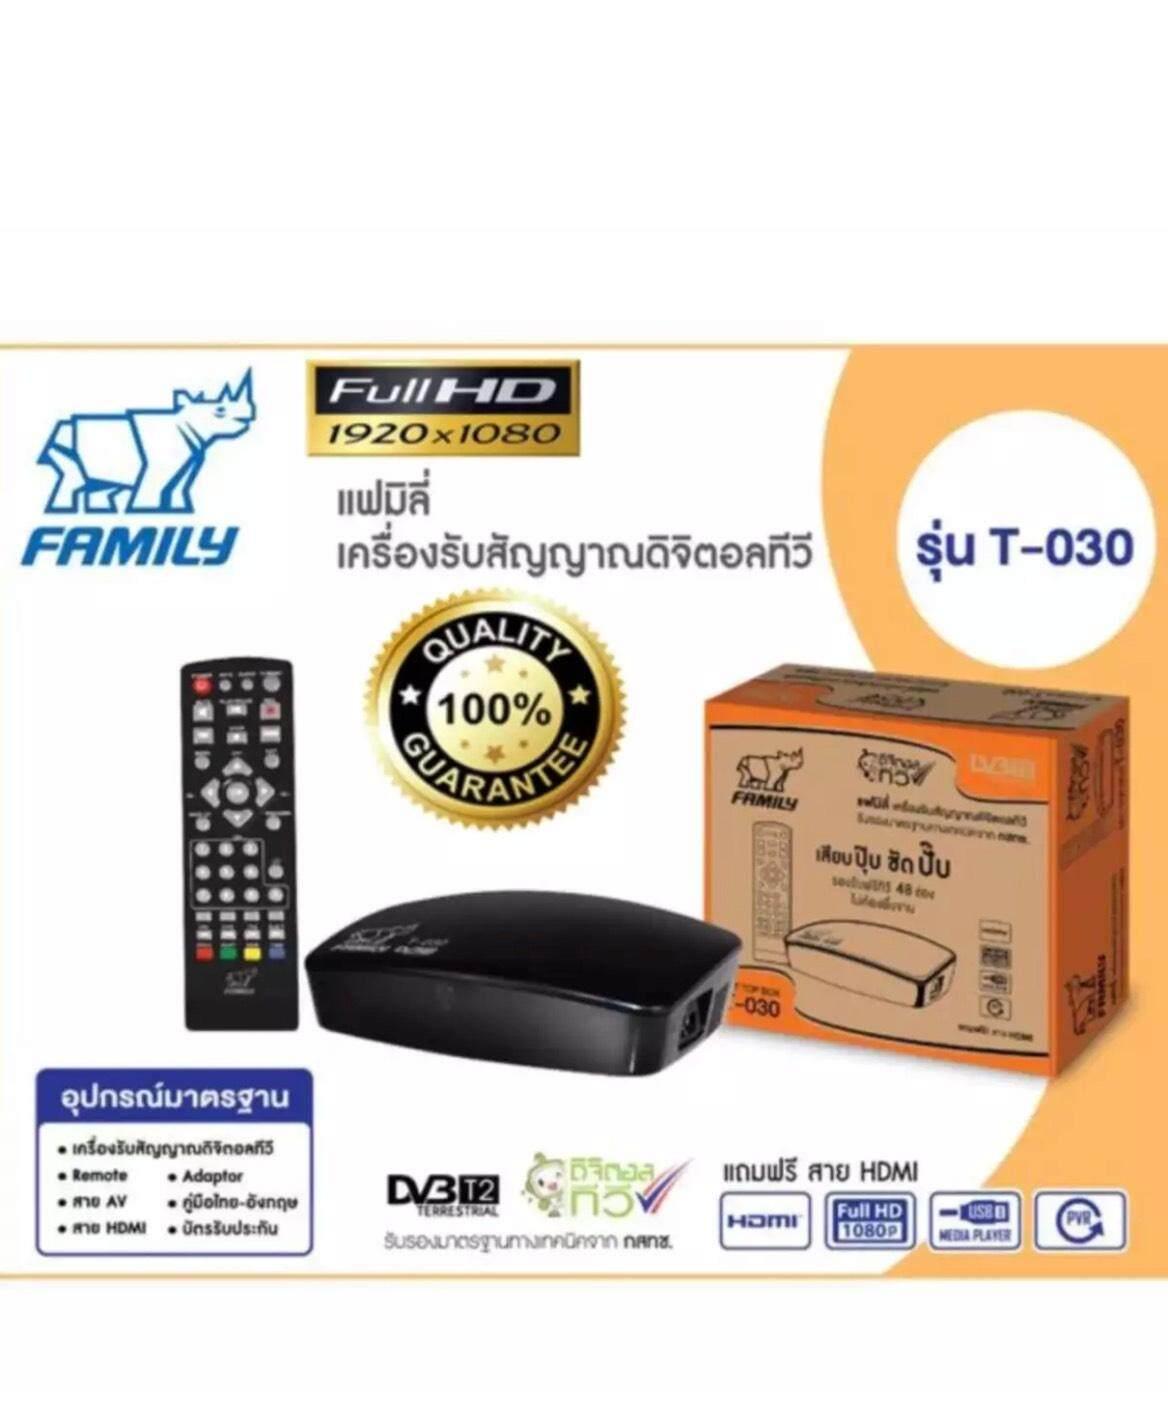 กล่องทีวีดิจิตอลt- 030 .